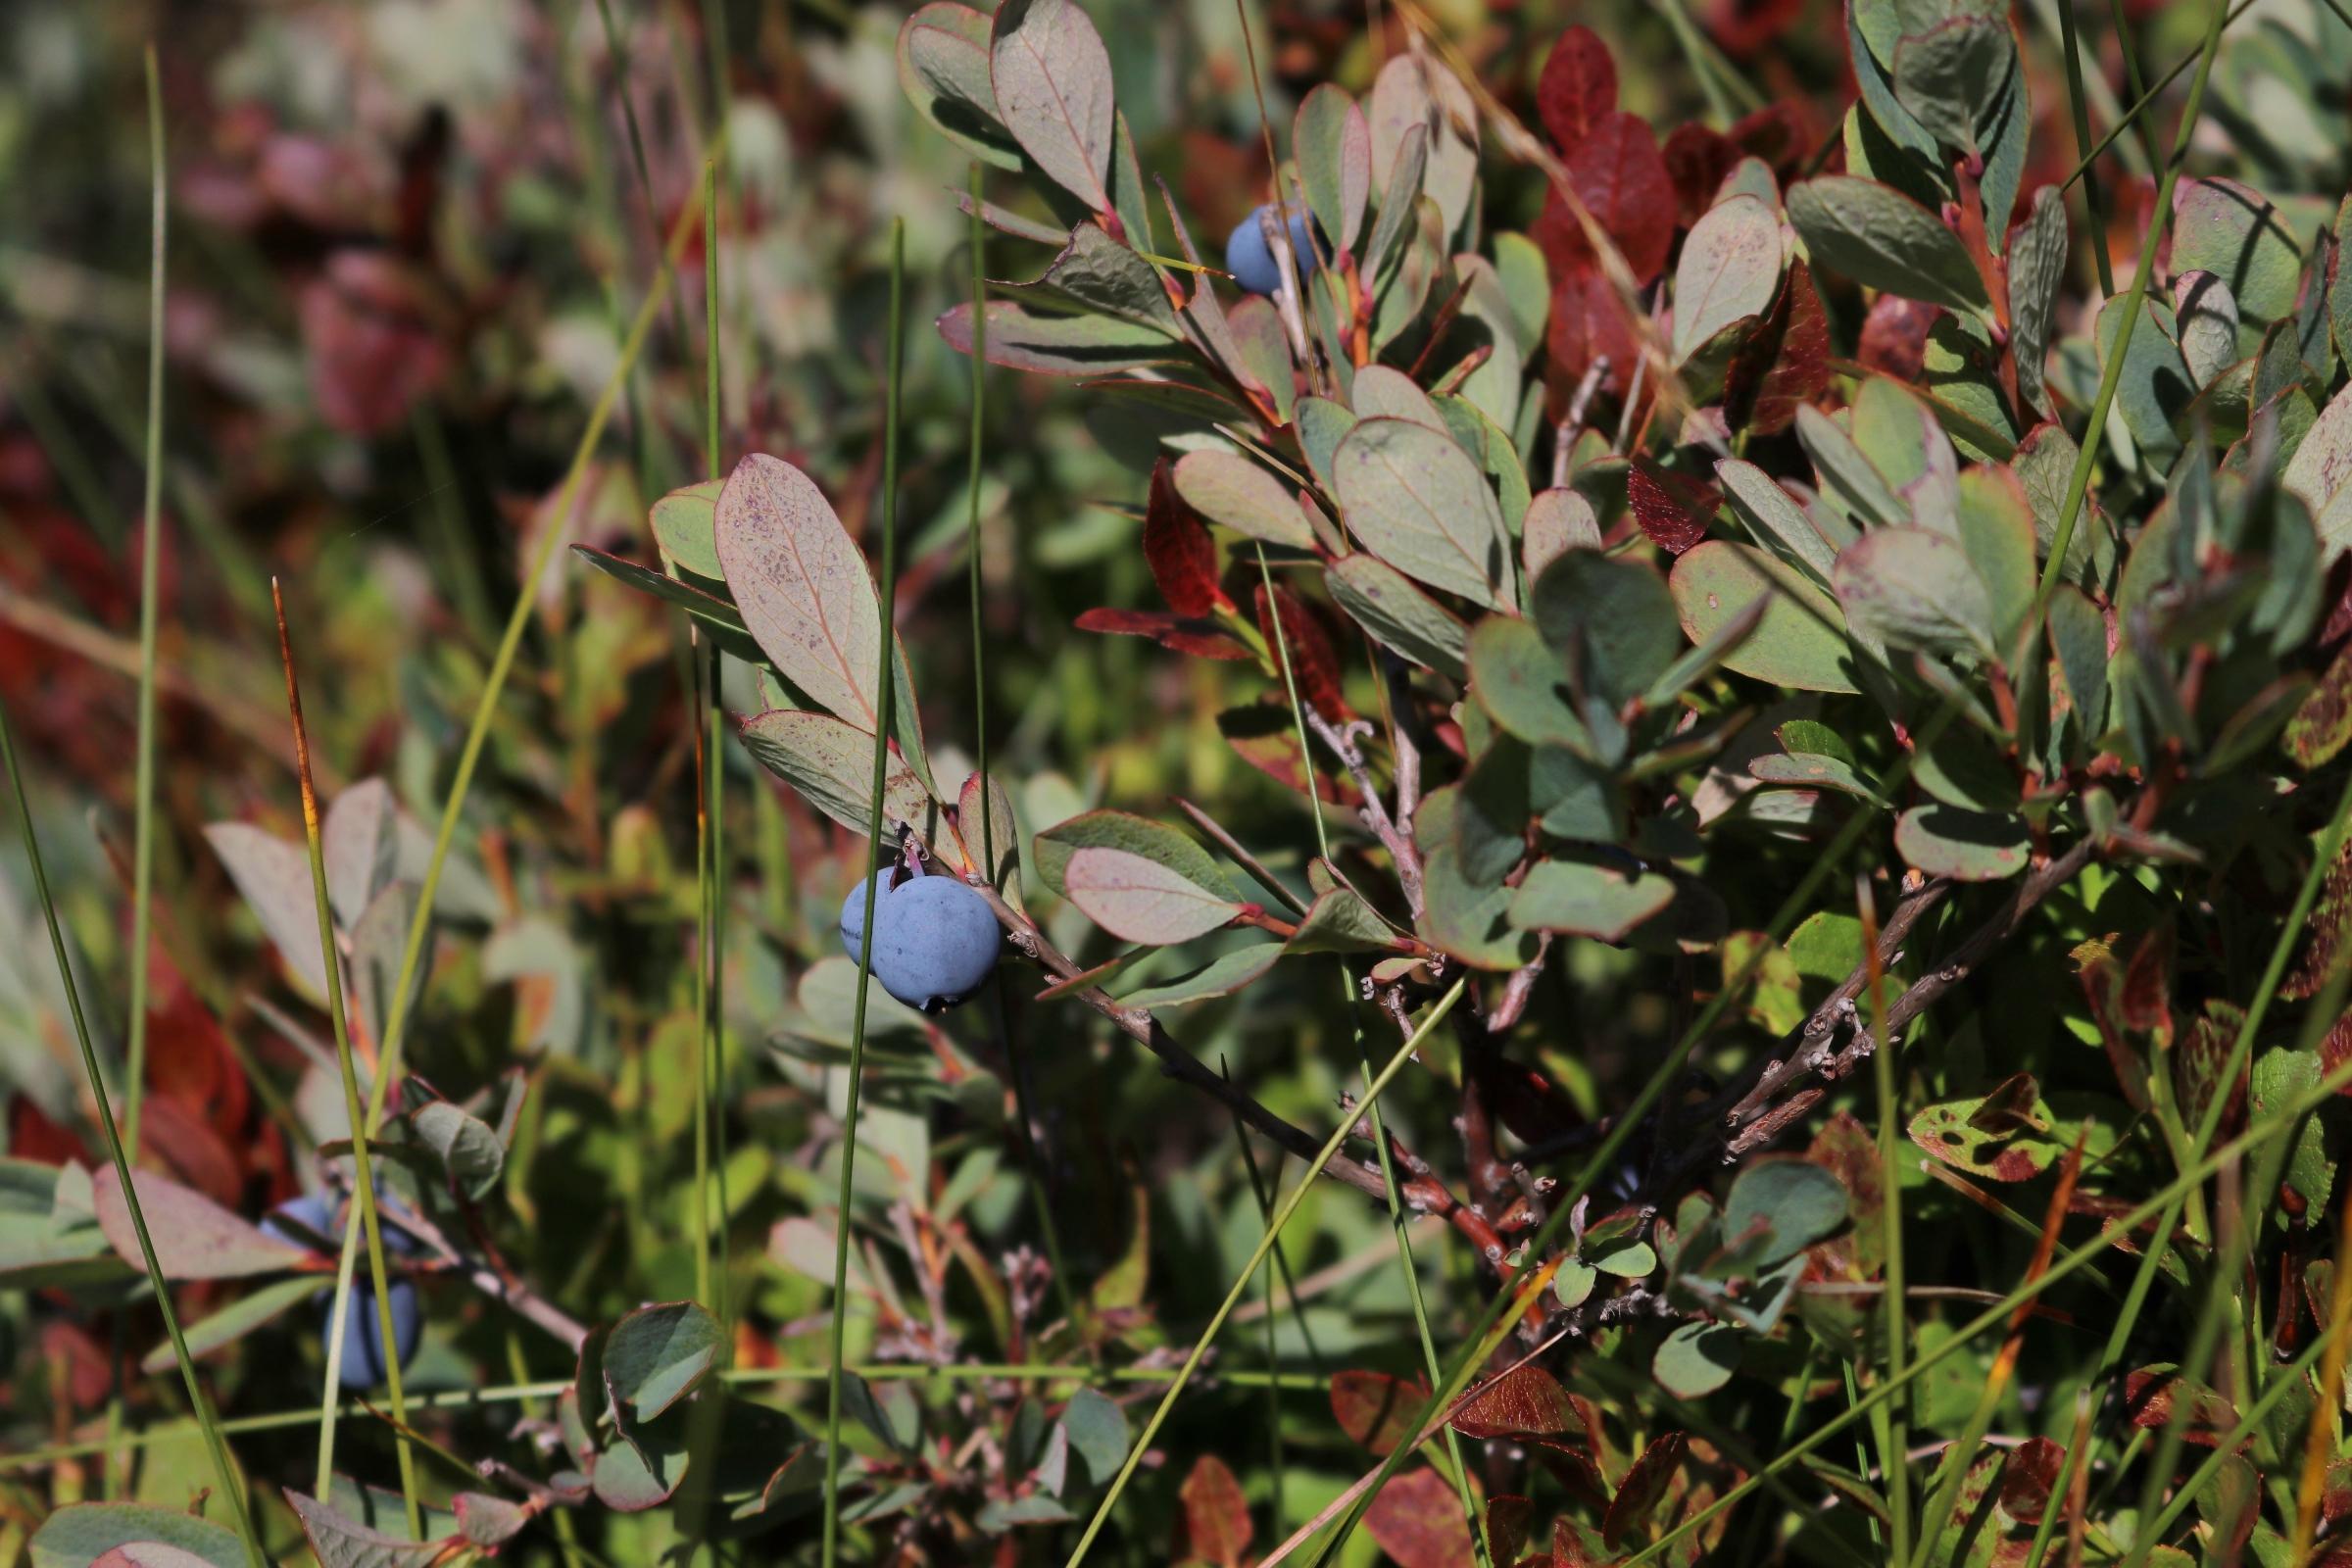 Früchte der Moor-Rauschbeere - blaue, rundlich aufgebaute Früchte